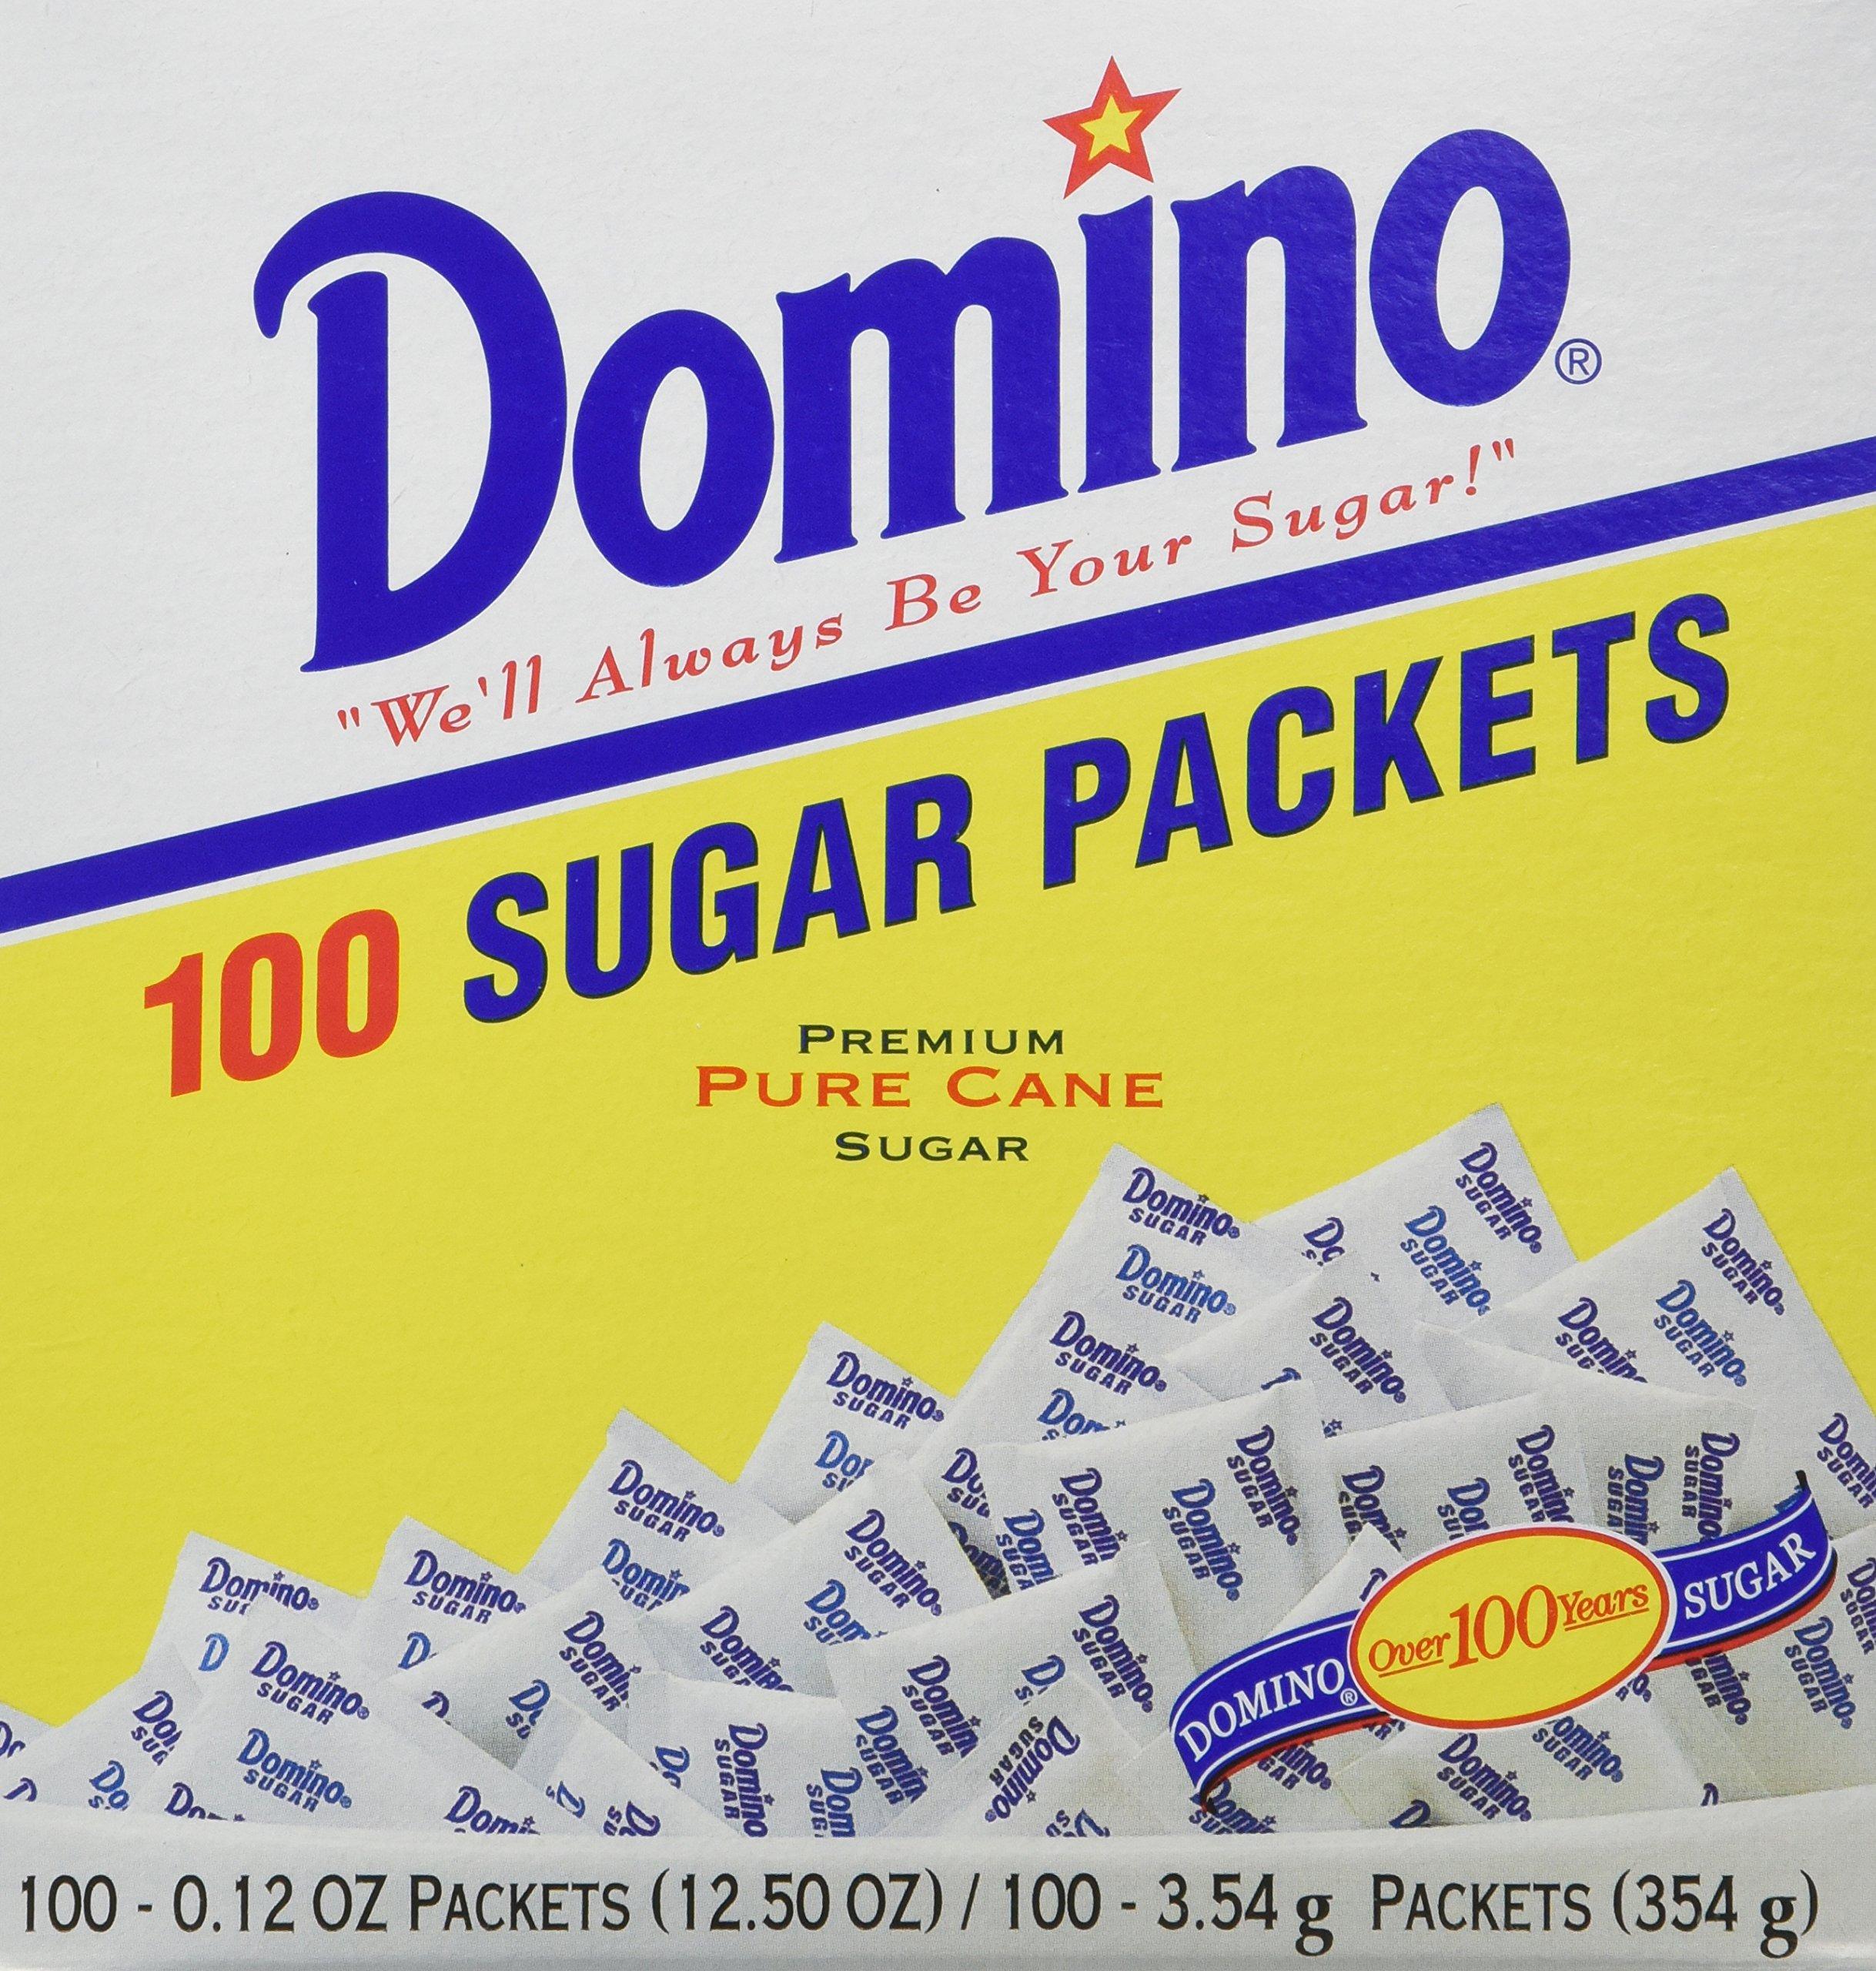 DOMINO SUGAR PACKETS - 200/ 3.54g Packs